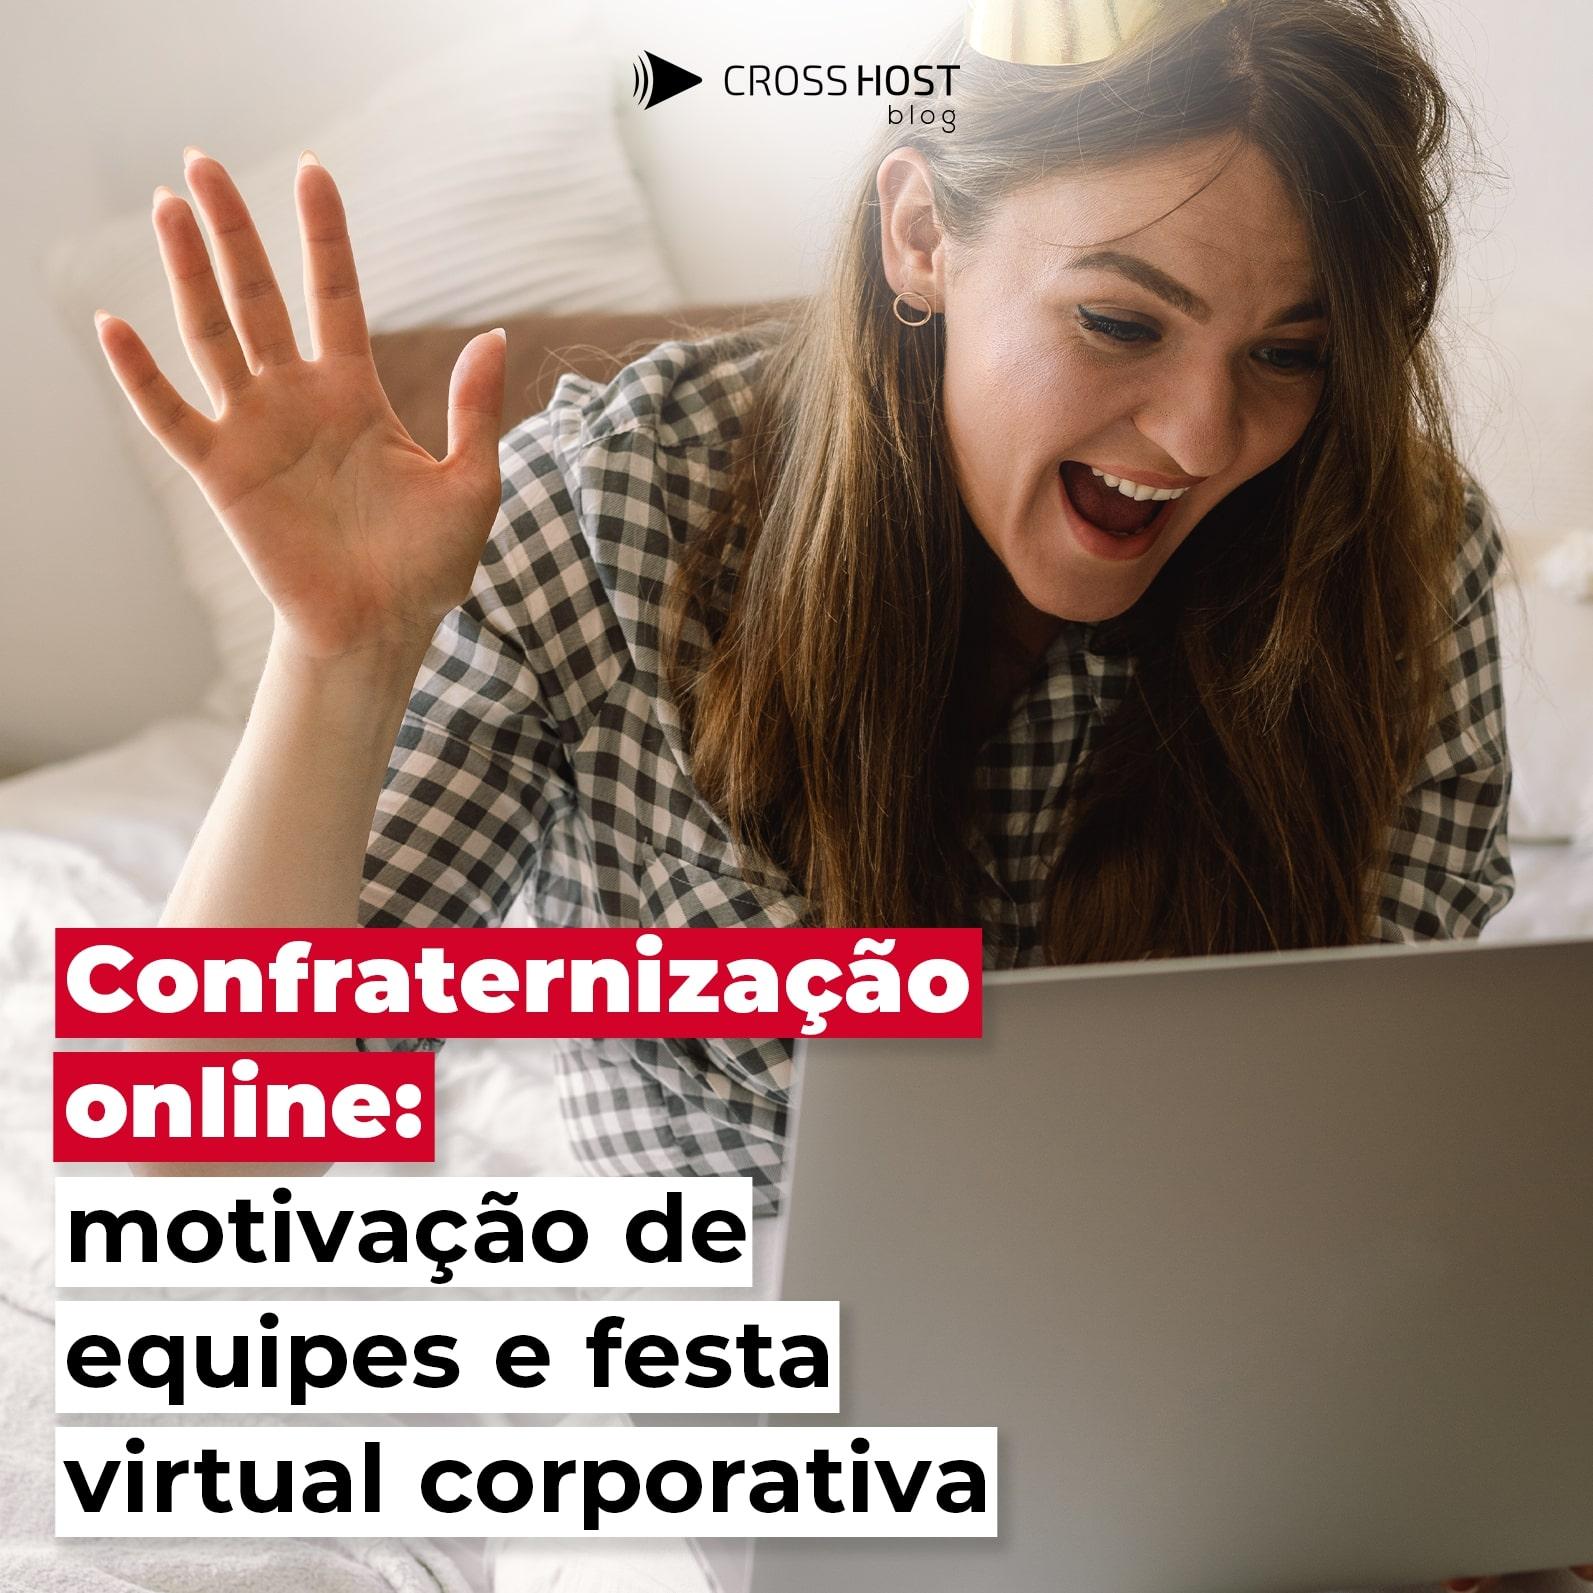 Confraternização online: motivação de equipes e festa virtual corporativa